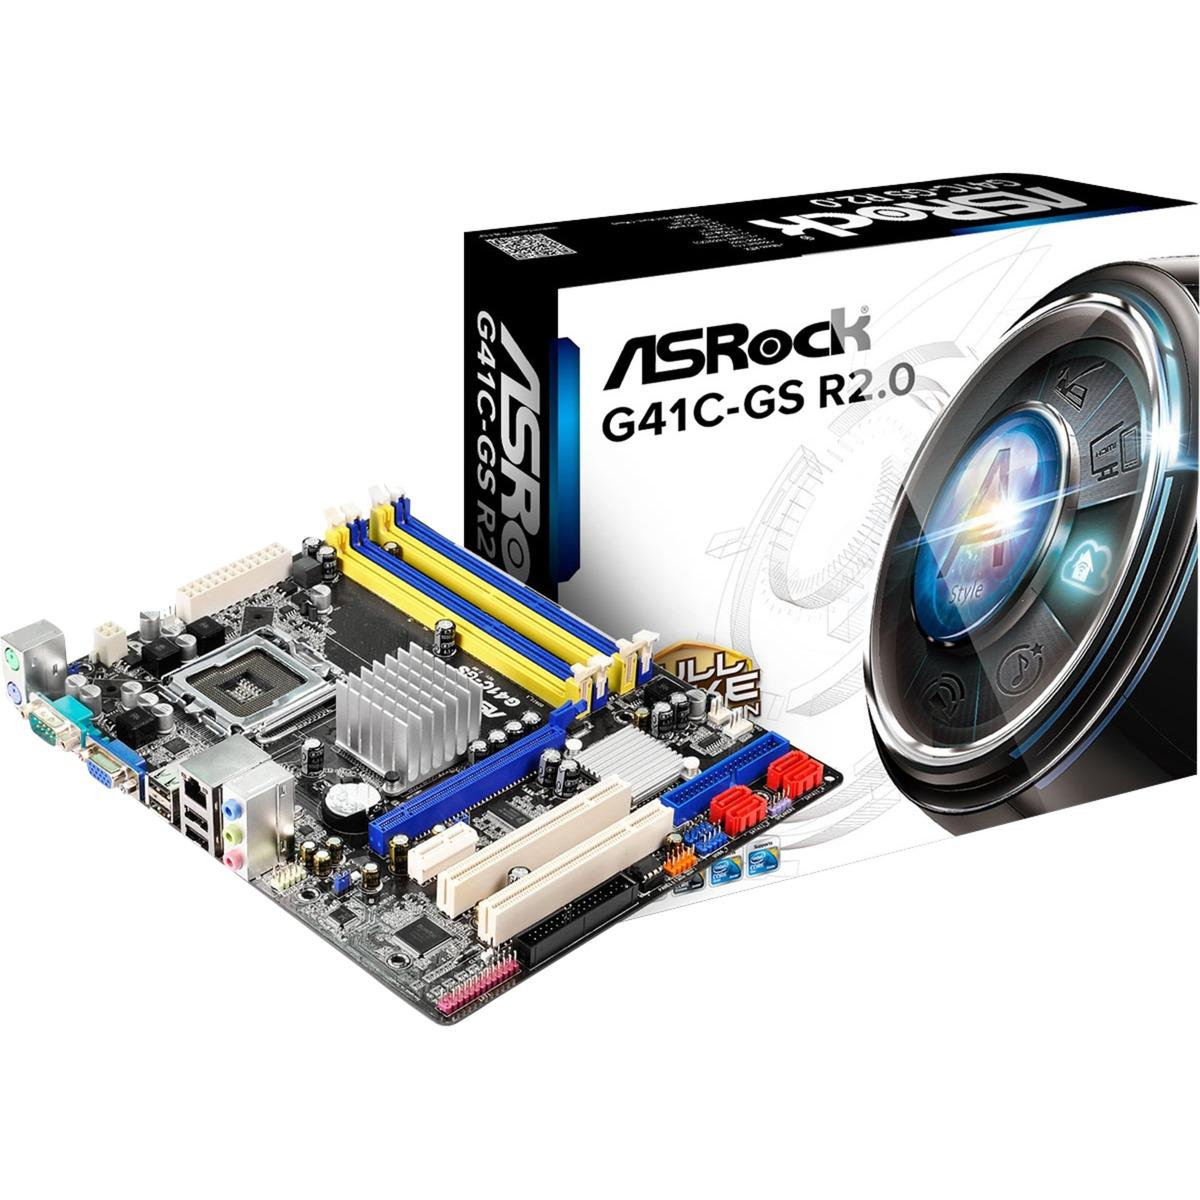 G41C-GS R2.0, Placa base